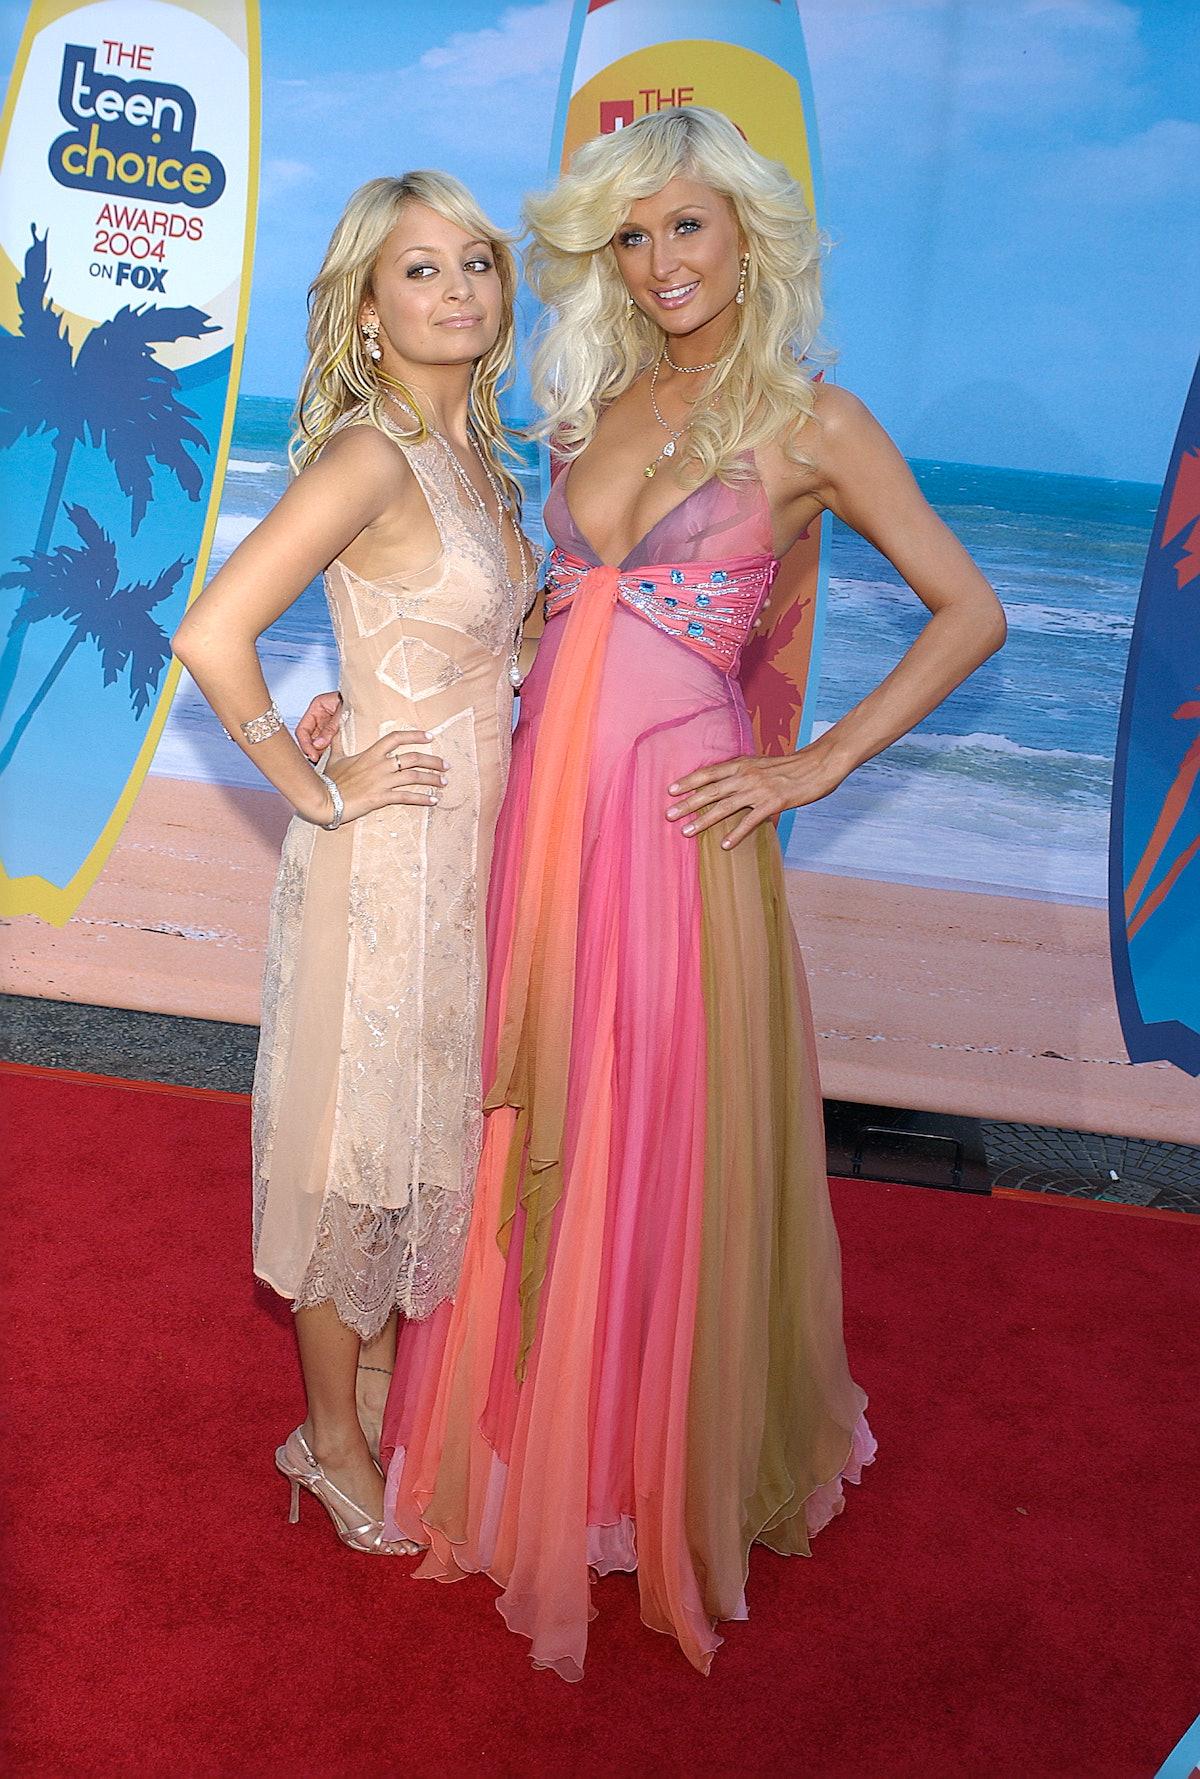 Nicole Richie and Paris Hilton attend the KCAs.